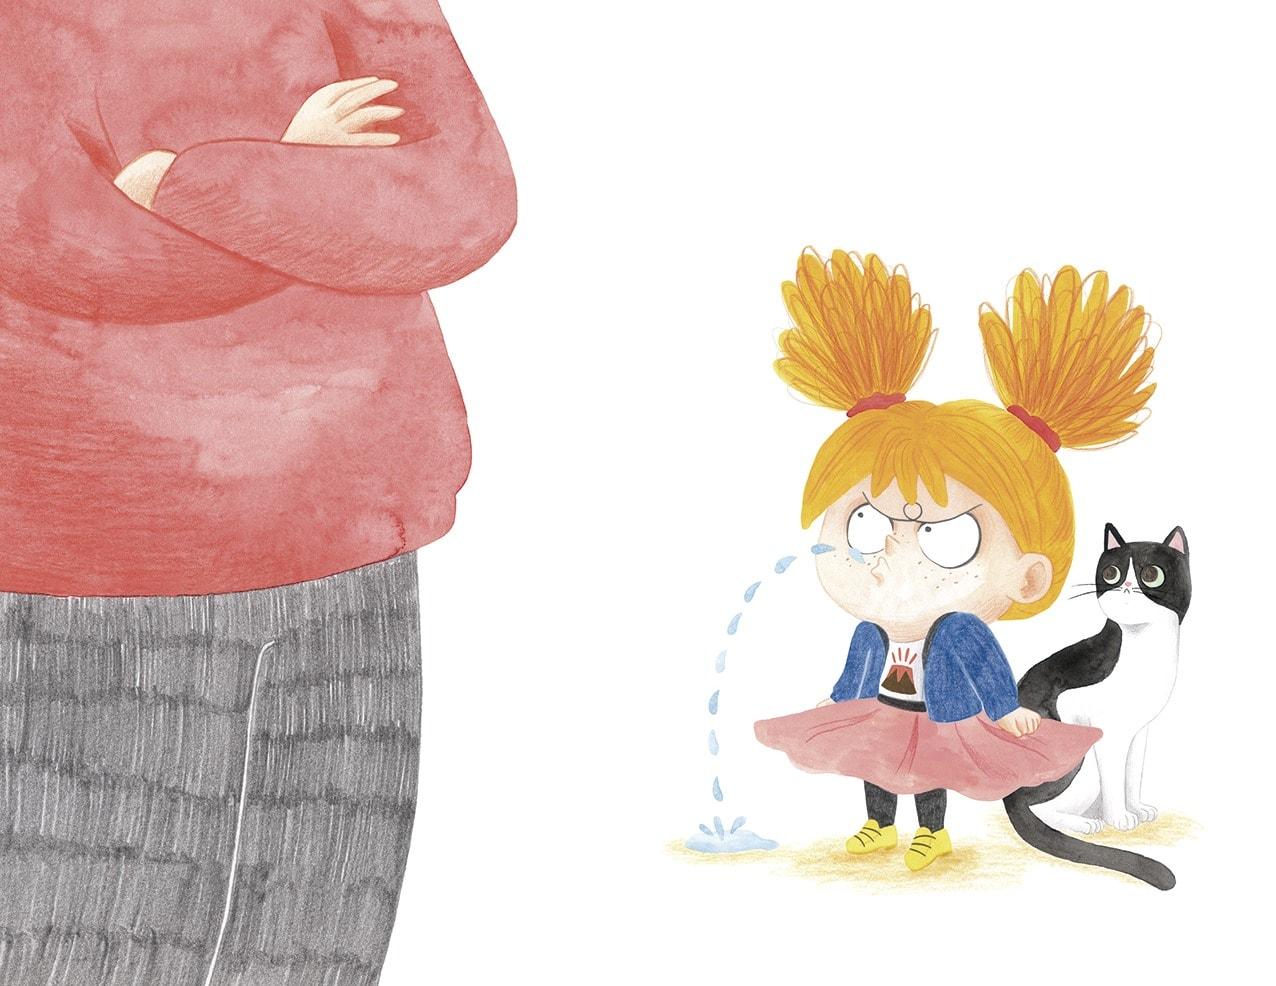 Ana está furiosa, ilustración infantil, ilustración para niños, niña enfadada, Christine Nöstlinger, Mar Villar, El Barco de Vapor, SM, ilustración de niña y gato,